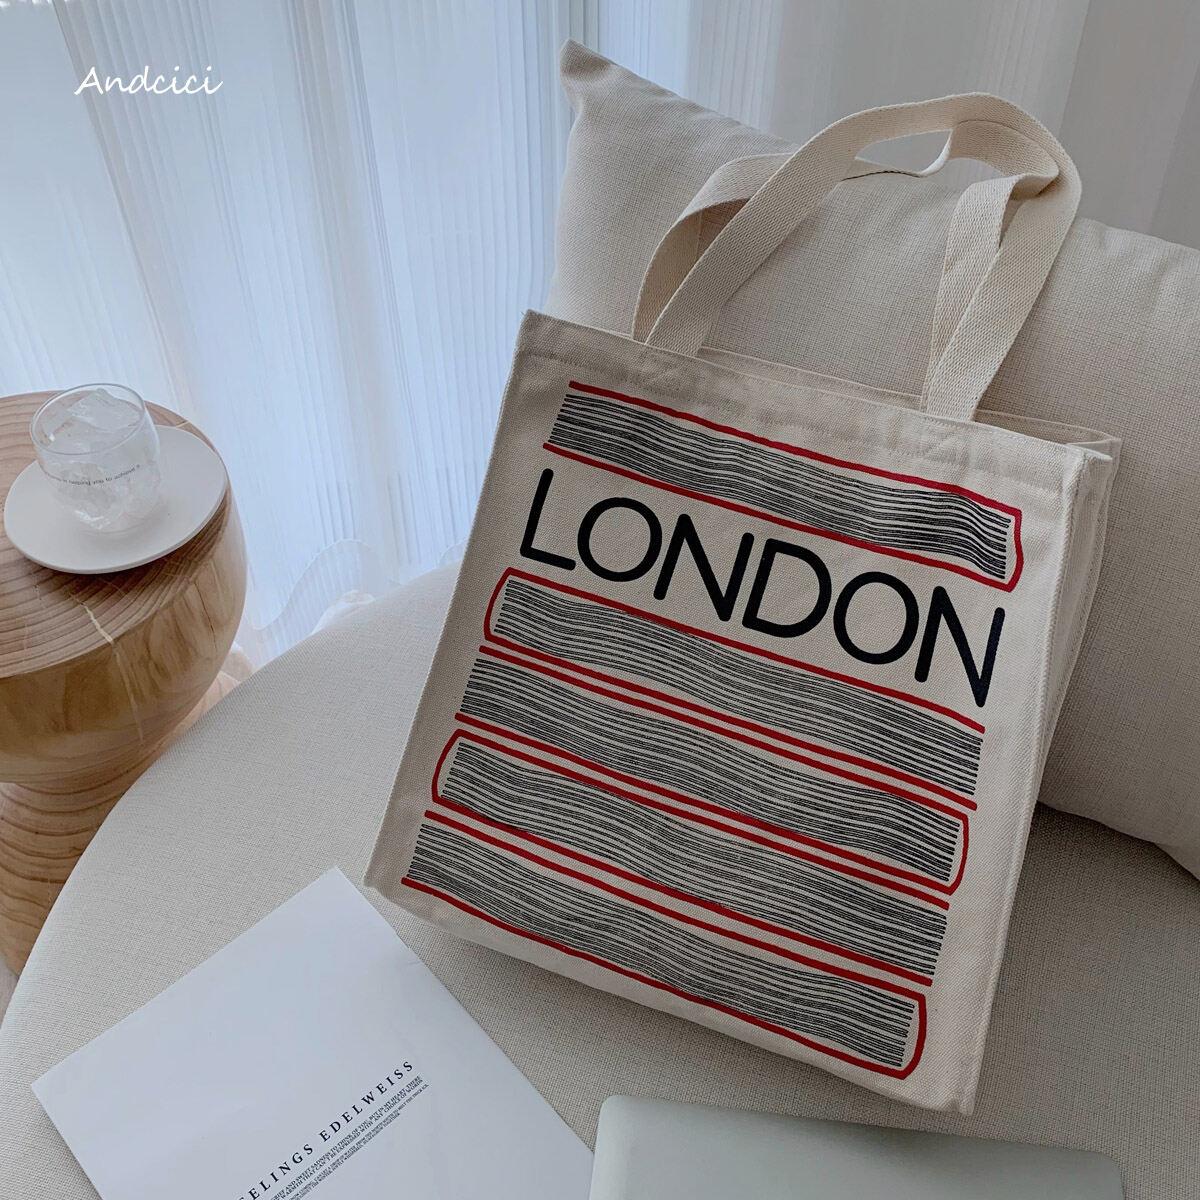 Andcici Phục Cổ Cửa Hàng Sách London Túi Vải Bố Kiểu Một Quai Túi Tote Lớn Dây Khóa Túi Mua Sắm Nam Nữ Học Sinh Cặp Sách thumbnail